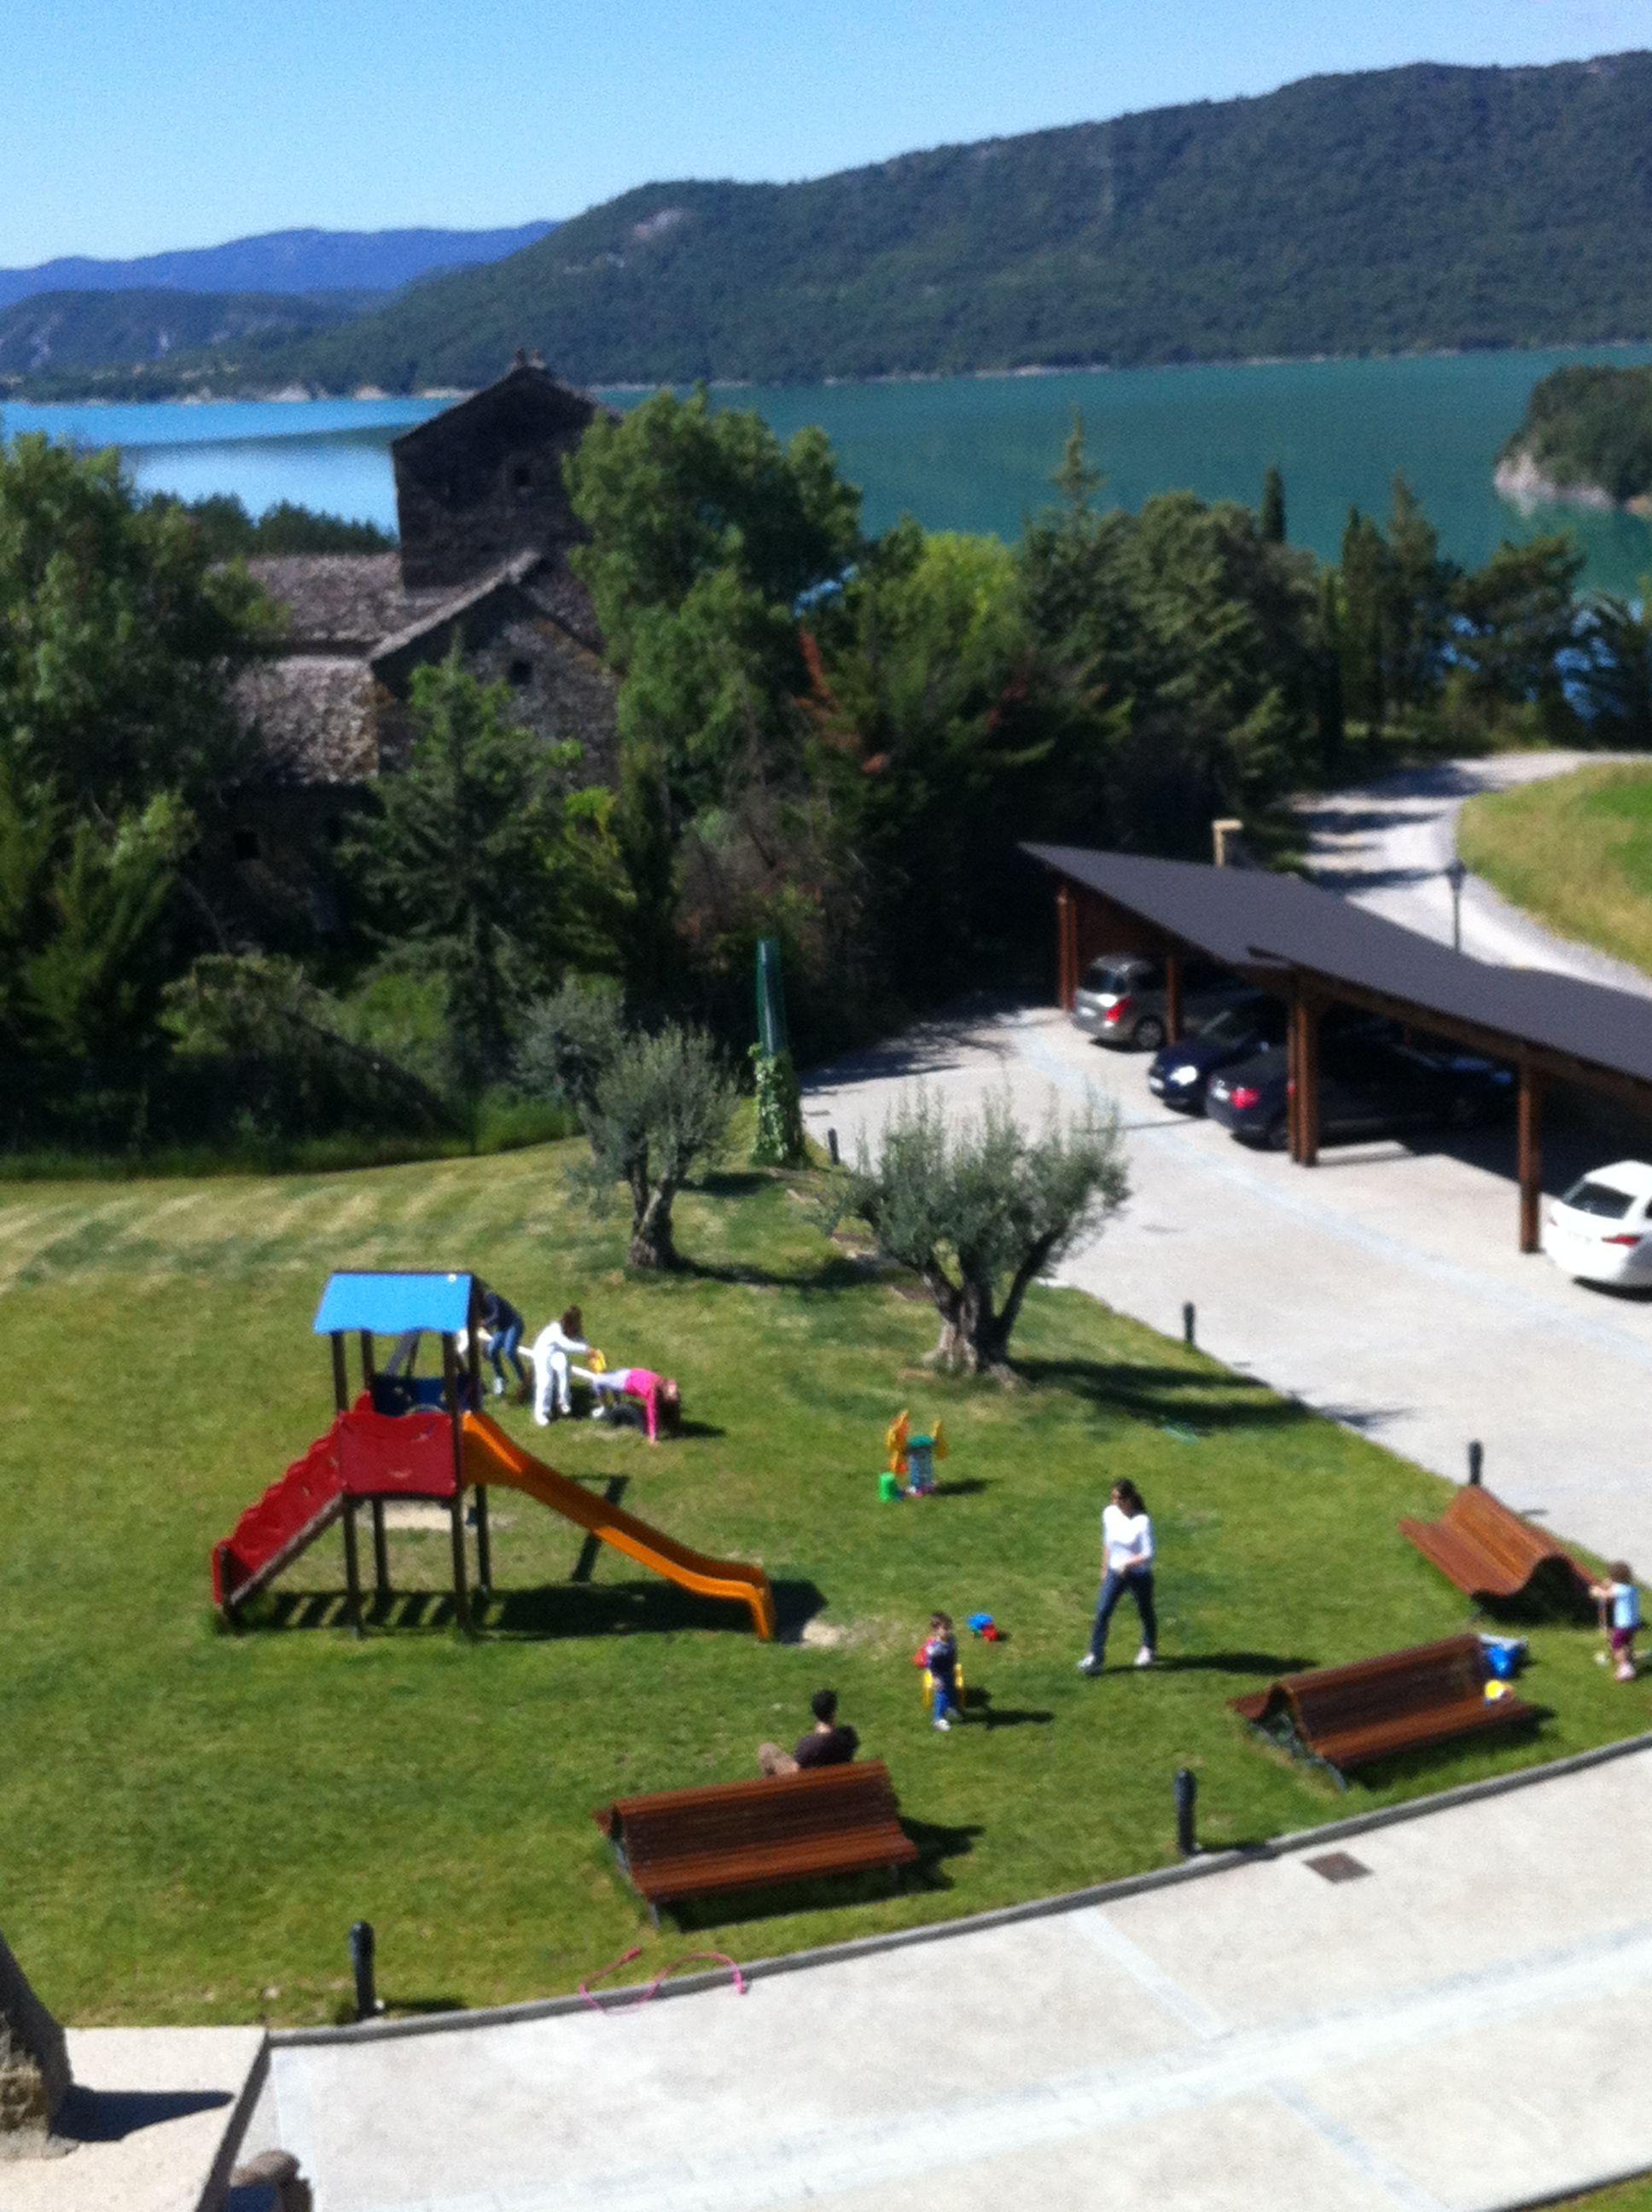 Vistas De Jardin Parque Y El Pantano De Mediano Desde La Terraza Del Apartamento La Solana Apartamentos Rurales Casas Rurales Casa Solariega